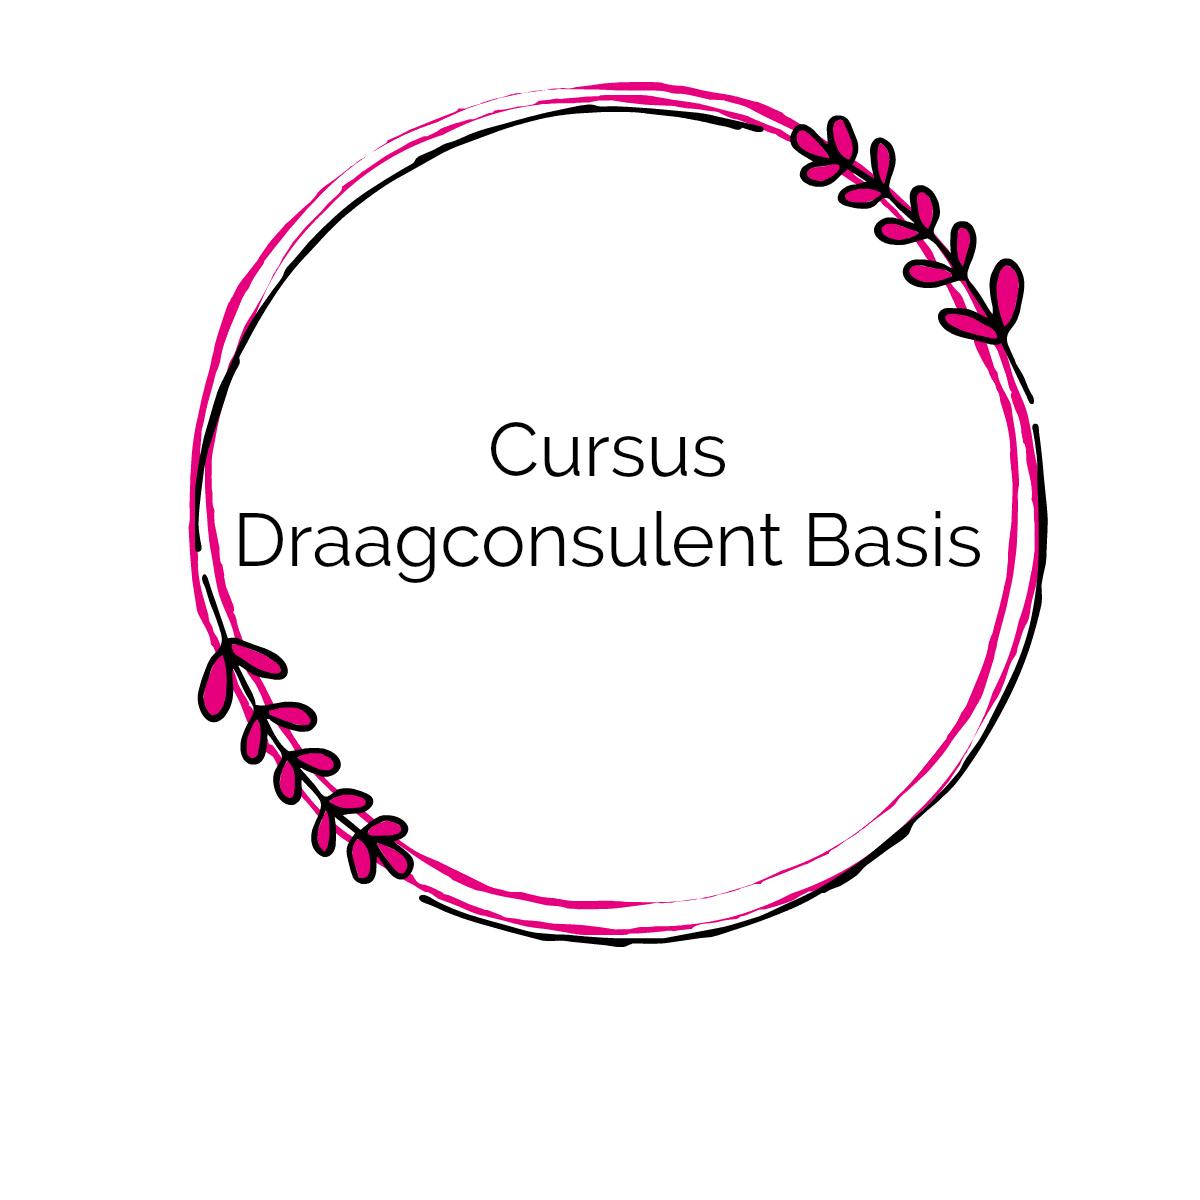 Cursus draagconsulent